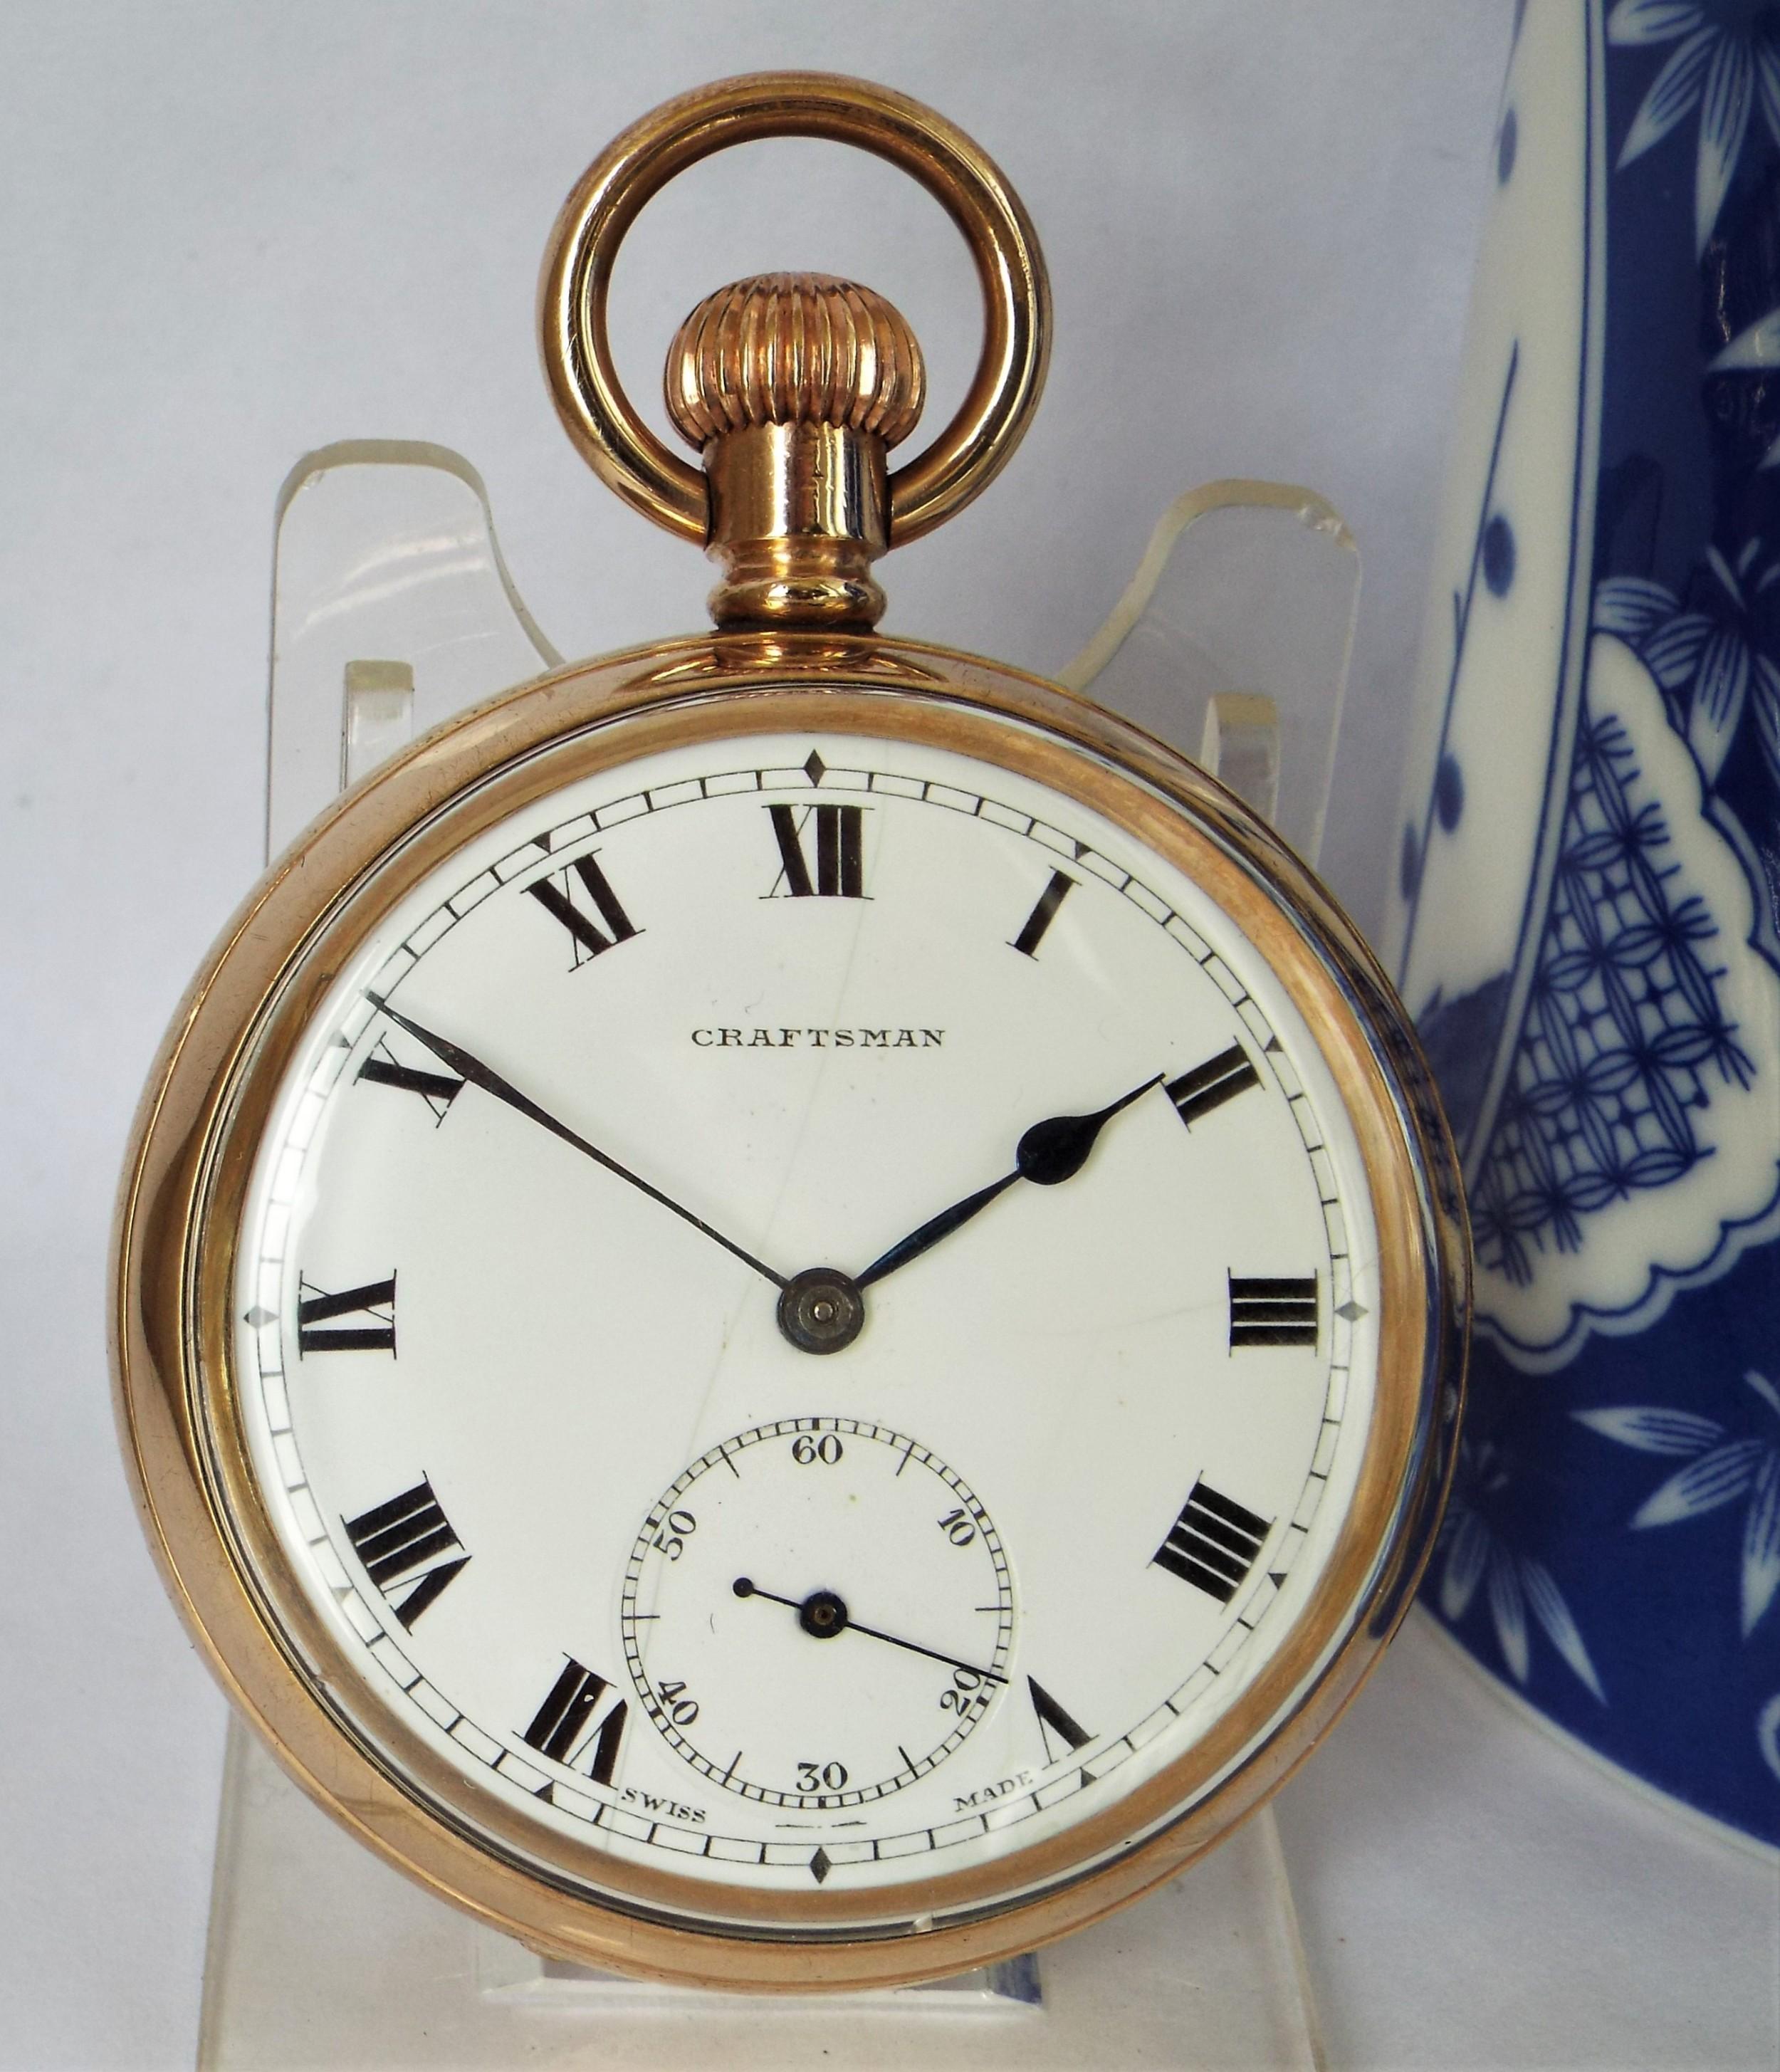 1930s craftsman pocket watch